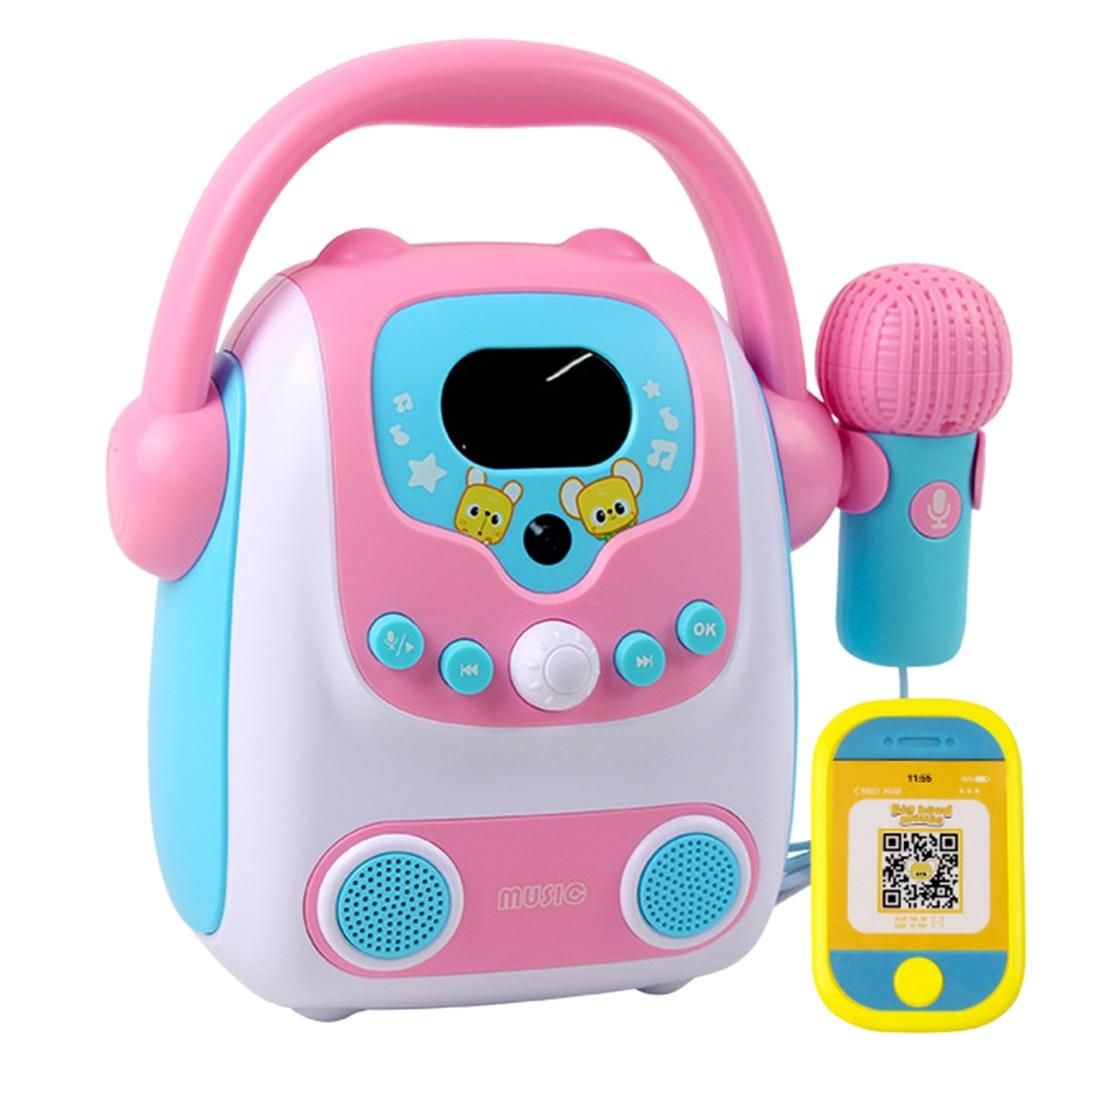 microfone karaoke bluetooth alto falante brinquedo portatil karaoke maquina de musica desenvolvimento brinquedos educativos para criancas